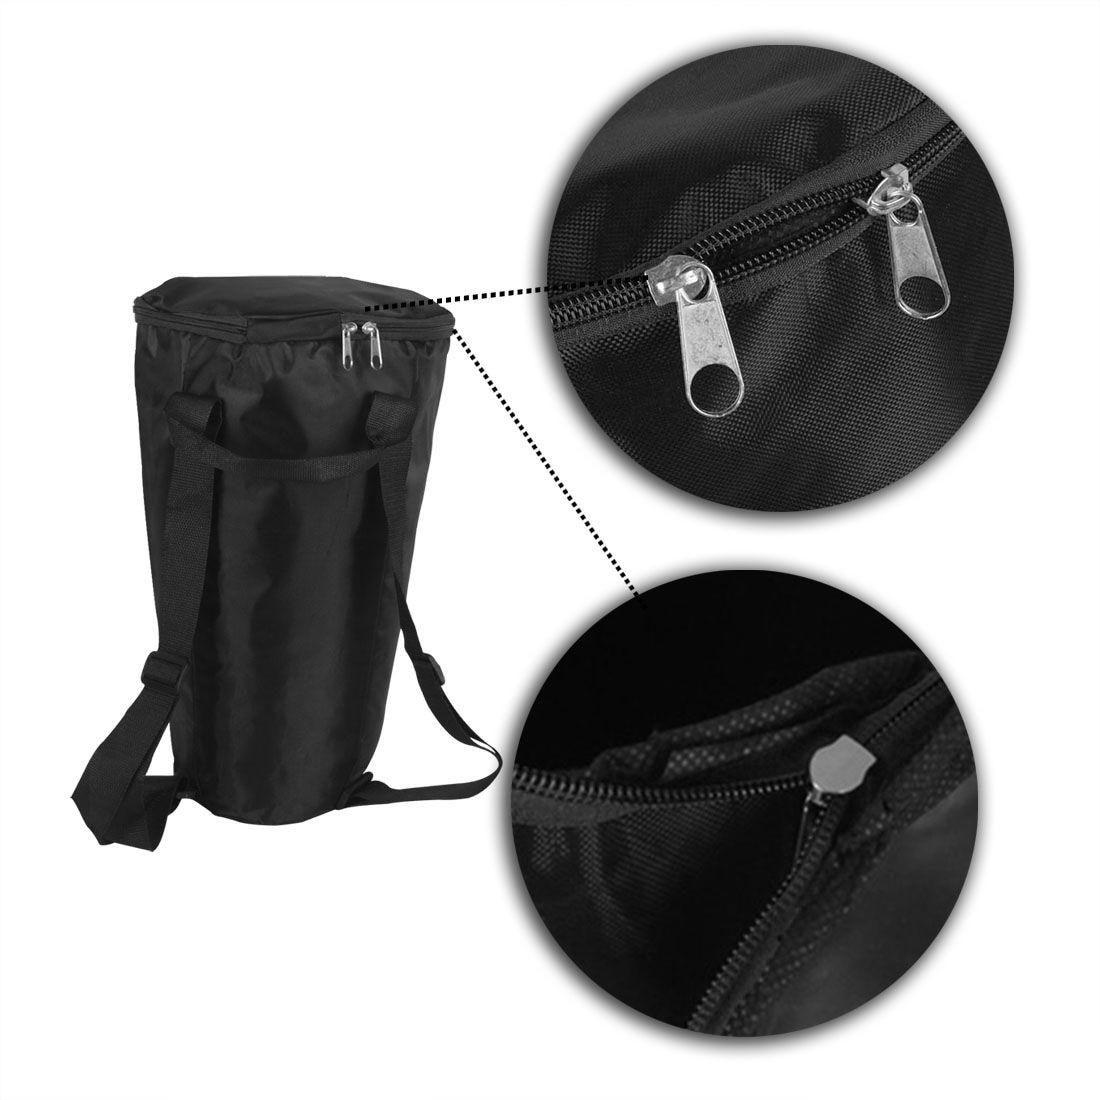 JHD tambor Djembe estuche suave bolsa con cremallera reforzada ...